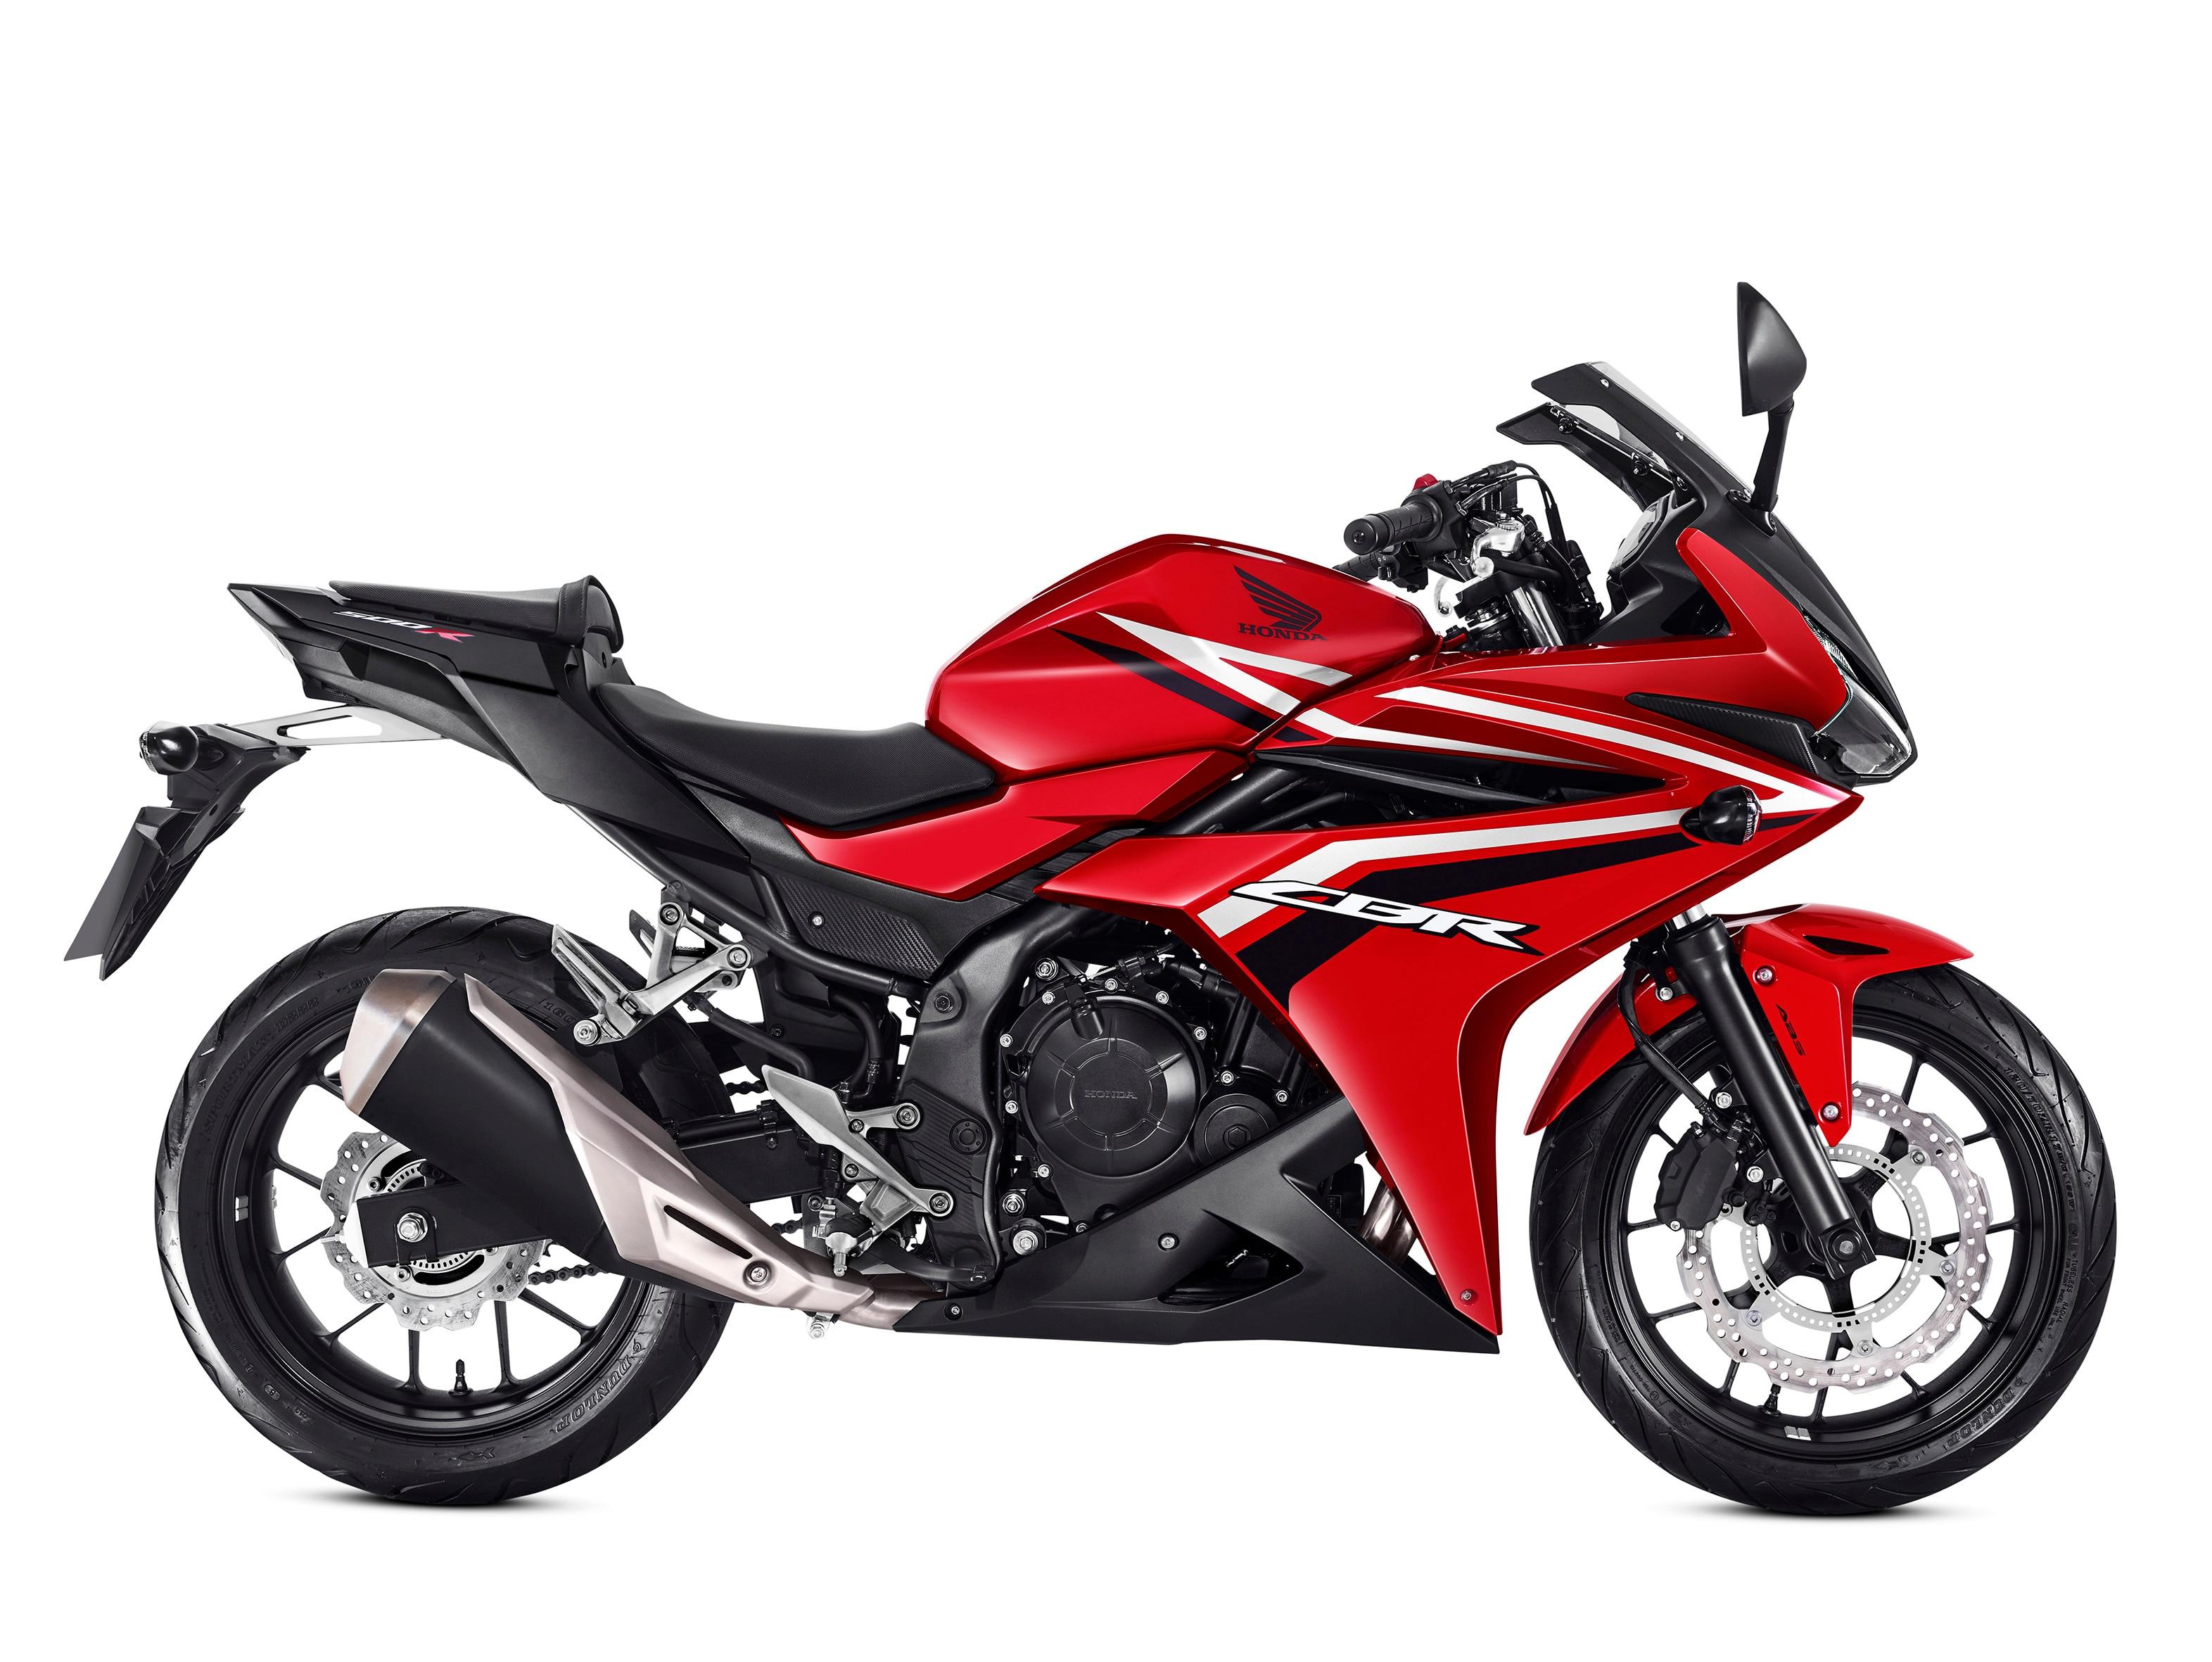 Honda reduz preços da família CB 500 em até R$ 5 mil ...